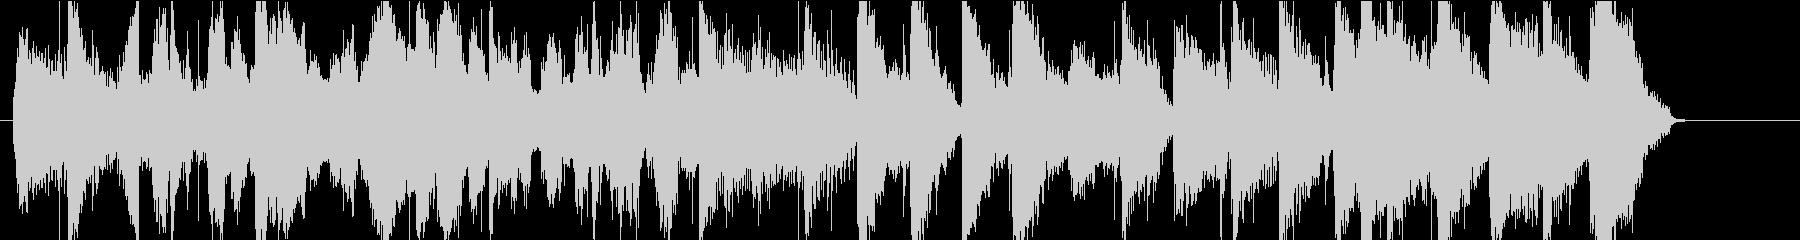 ジングル ブルーグラス カントリーの未再生の波形